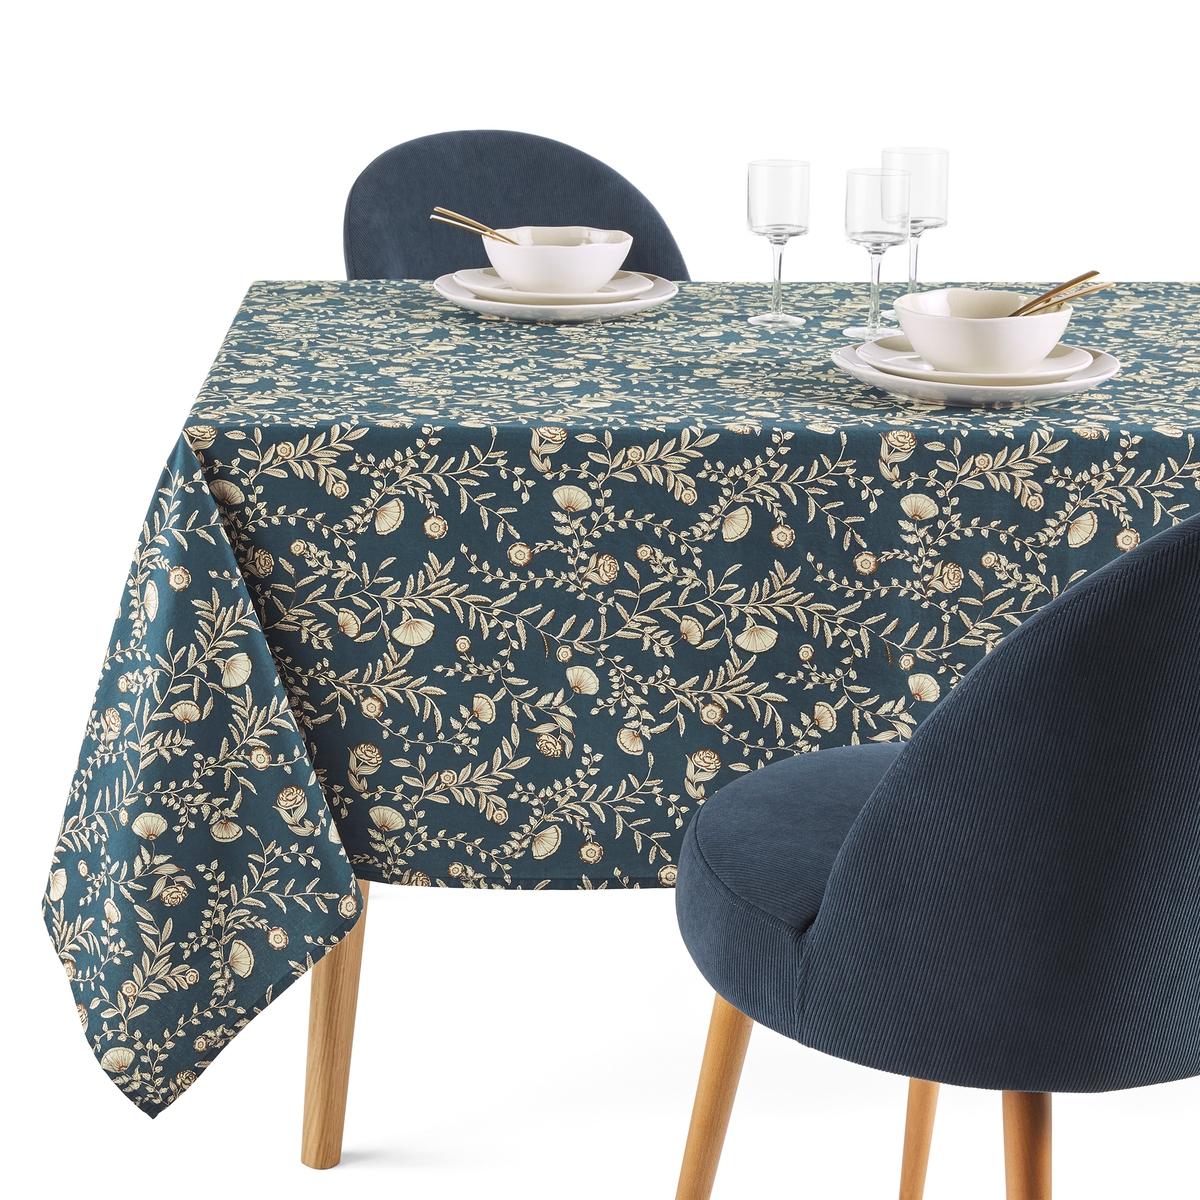 Скатерть LaRedoute Из стираного хлопка Vimala 150 x 300 см синий